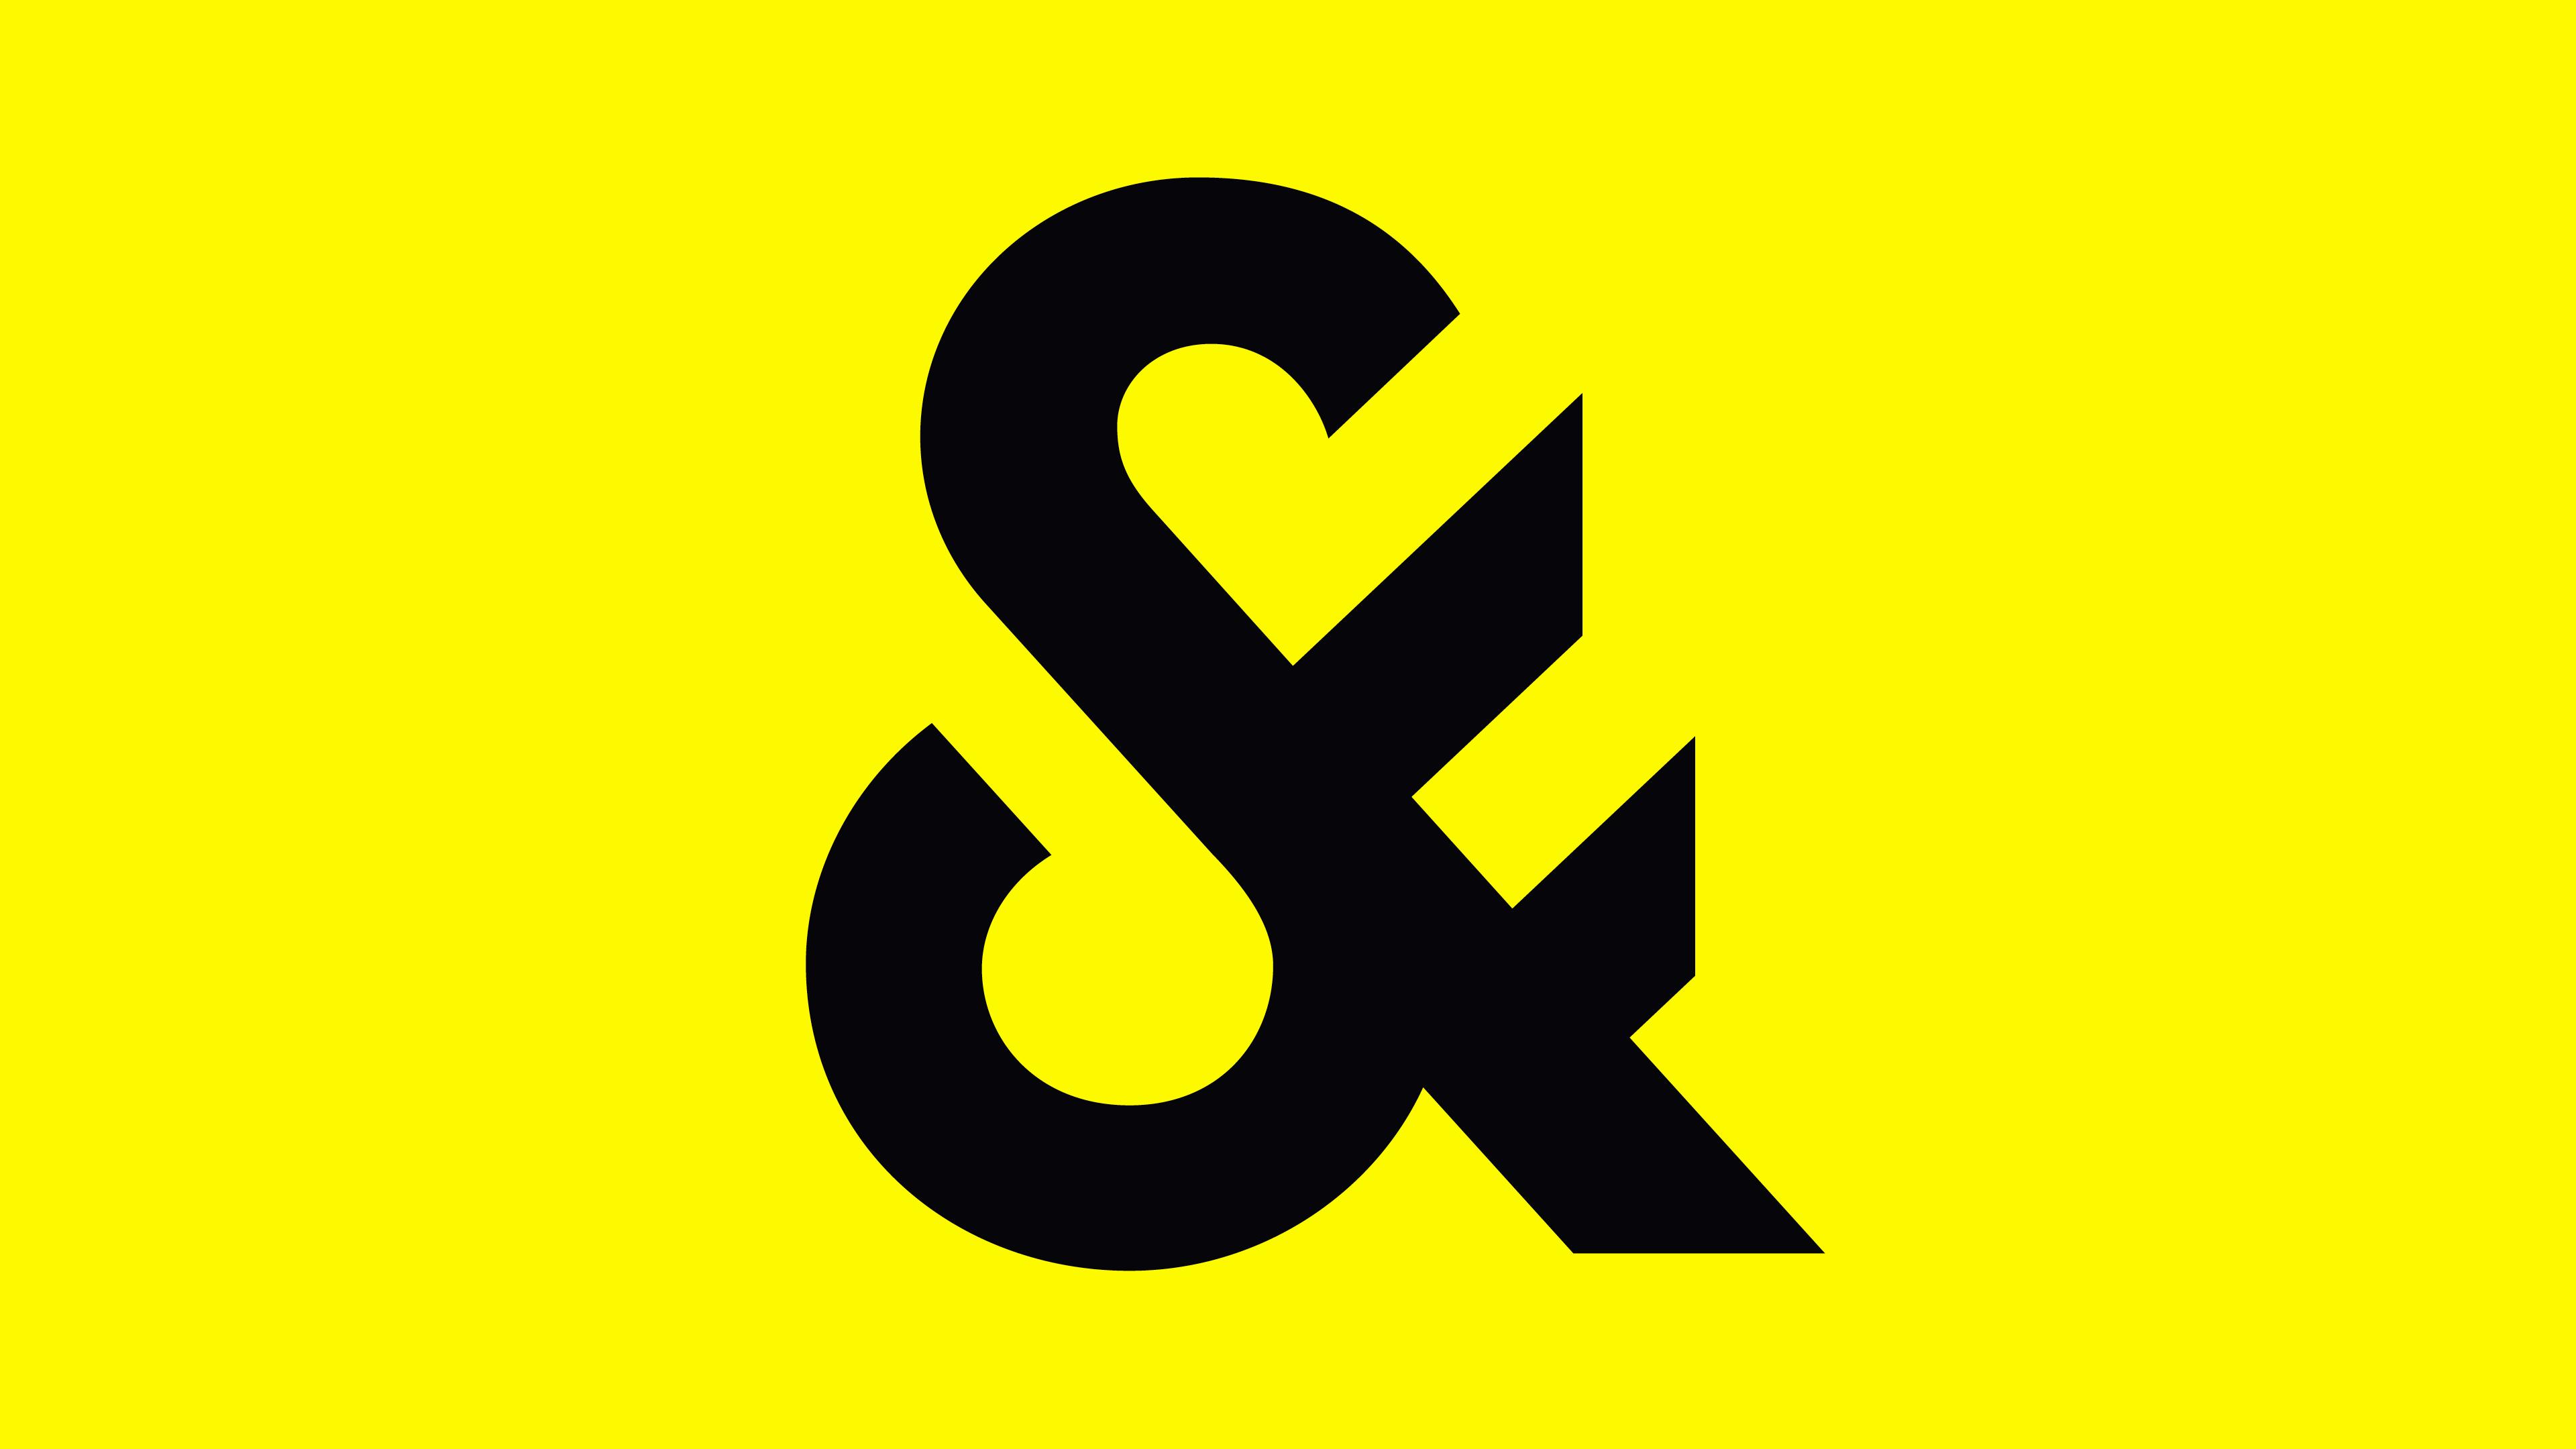 Jetzt offiziell: Das neue Corporate Design von Scholz & Friends